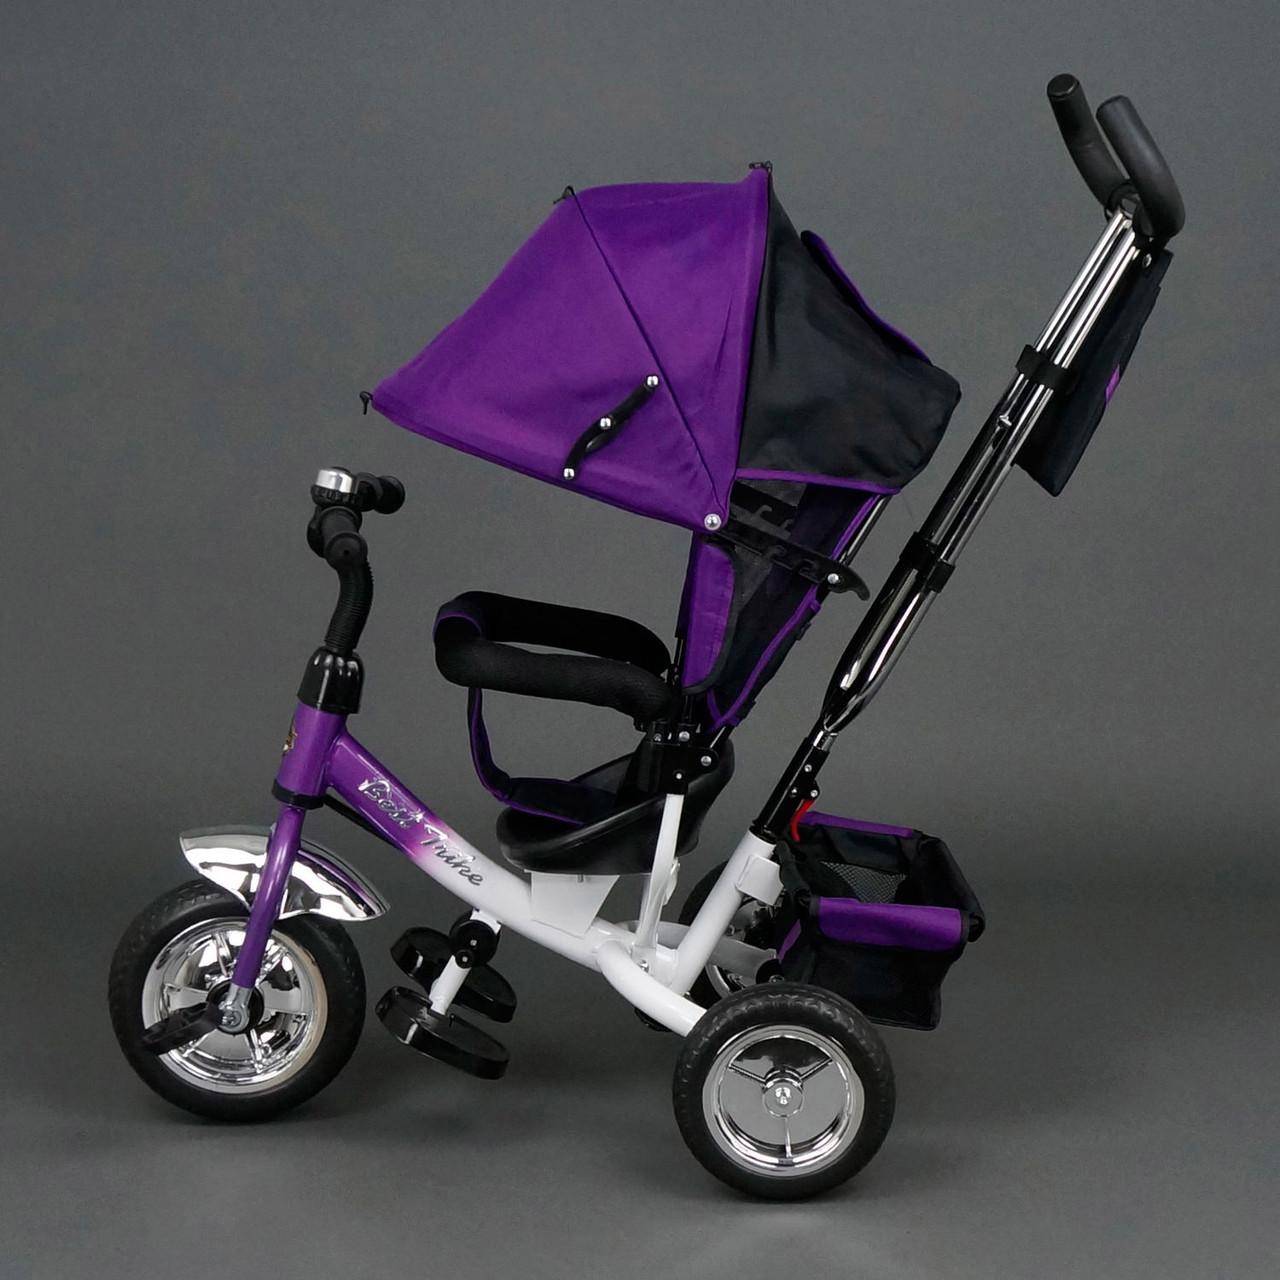 Дитячий триколісний велосипед Best Trike 6588 фіолетовий